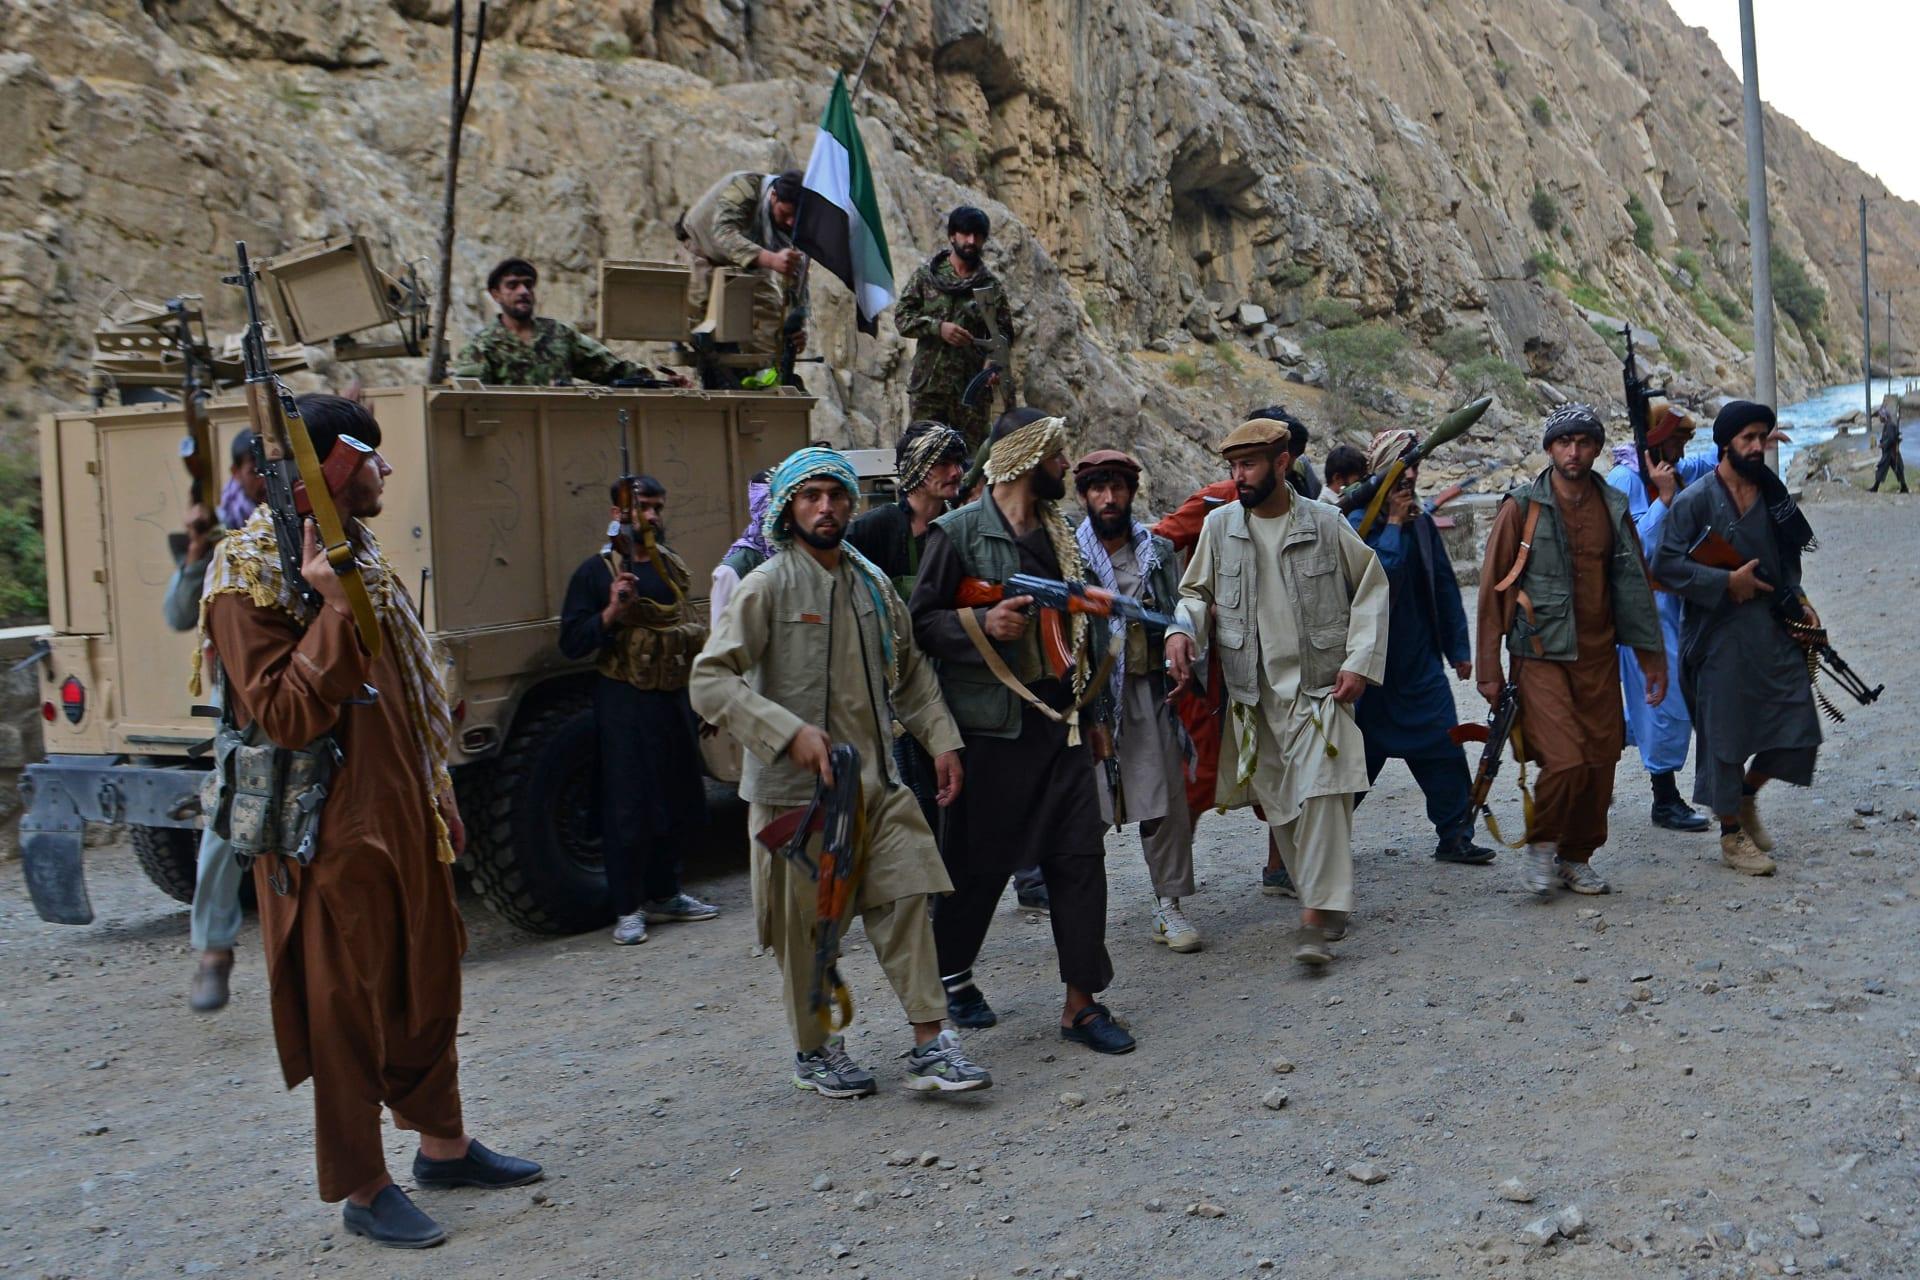 مسعود يعرض على طالبان إنهاء القتال في بنجشير وبدء محادثات سلام